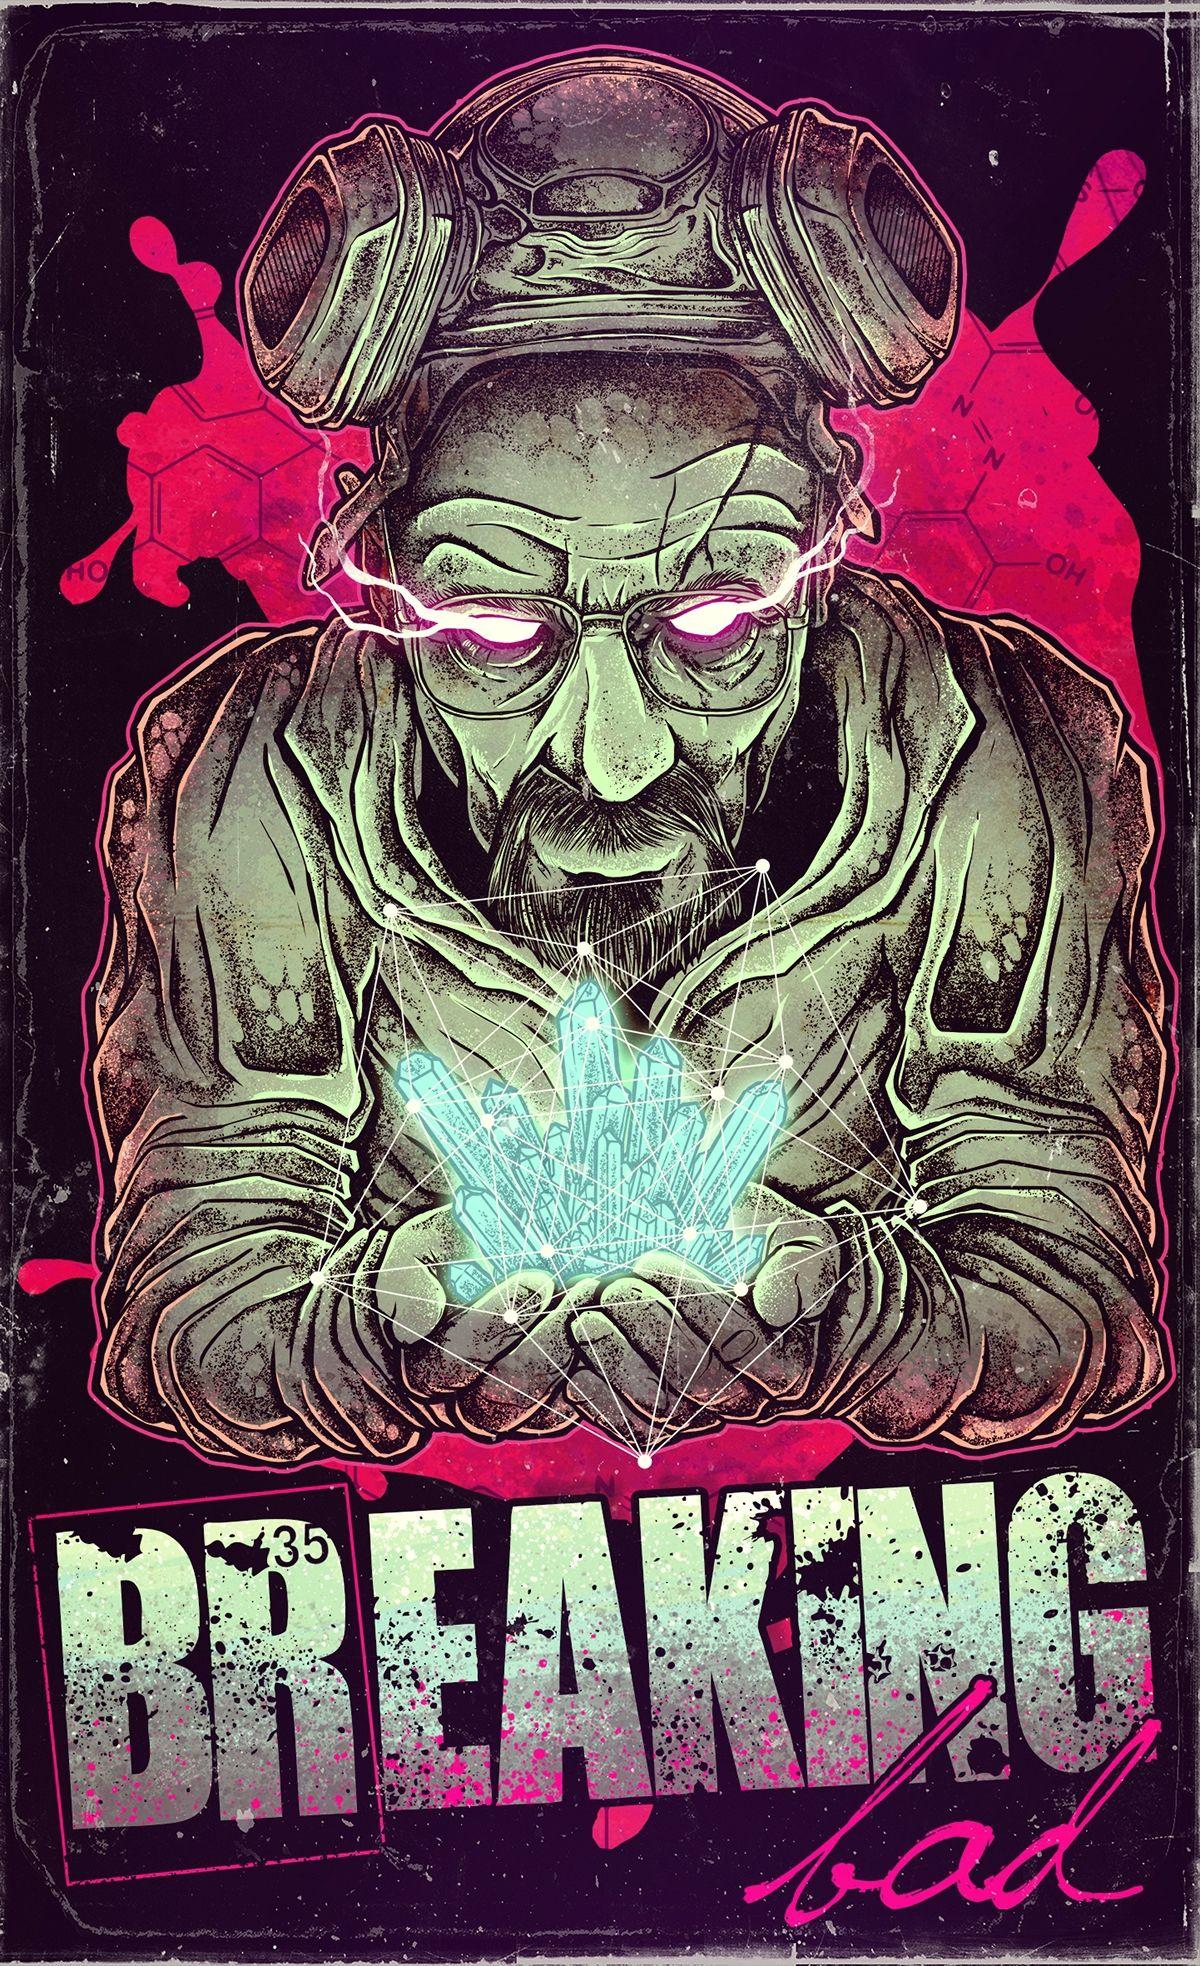 Breaking Bad Fan-Art on Behance | Digital Art | Pinterest ...